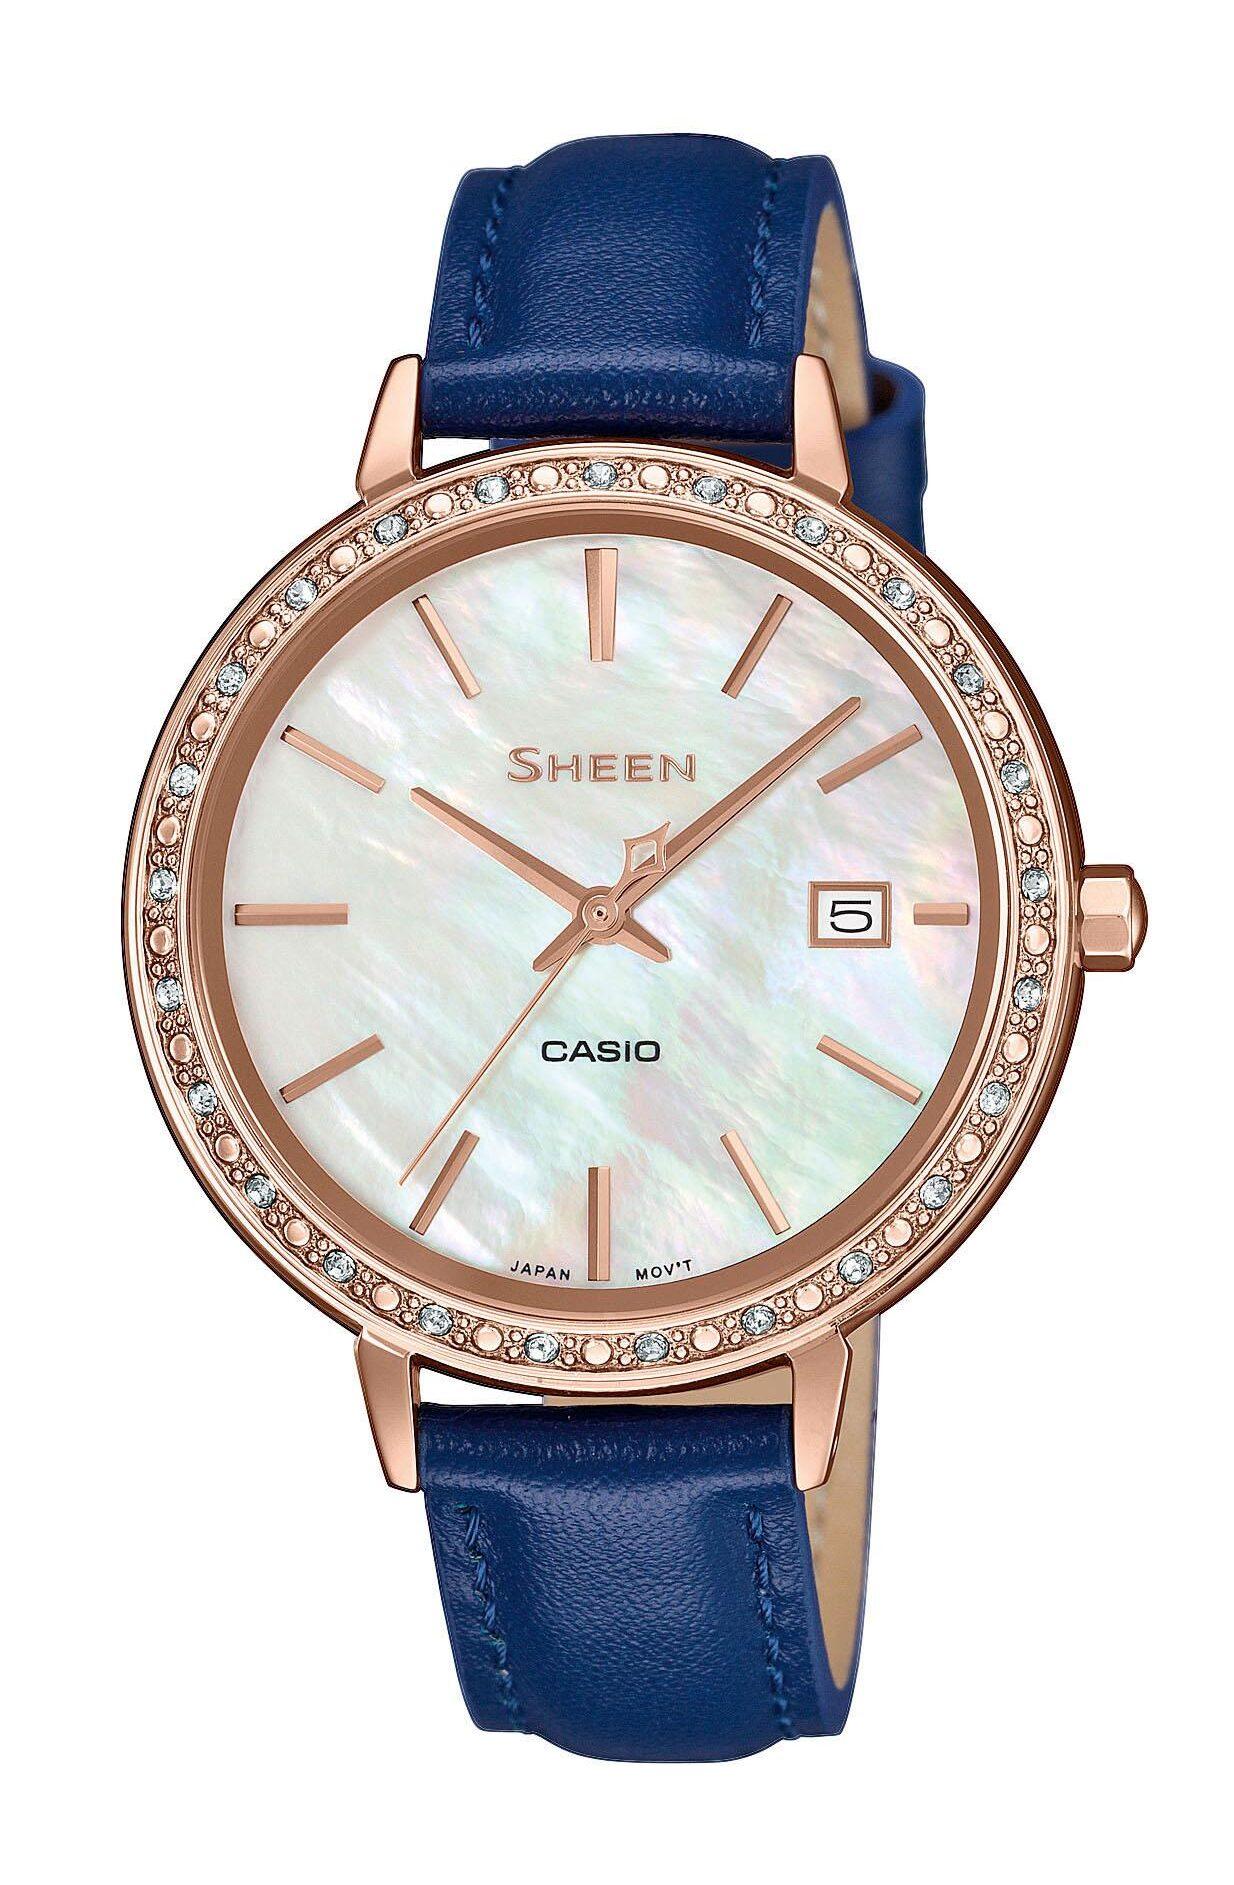 Γυναικείο Ρολόι Casio Sheen SHE-4052PGL-7AUEF